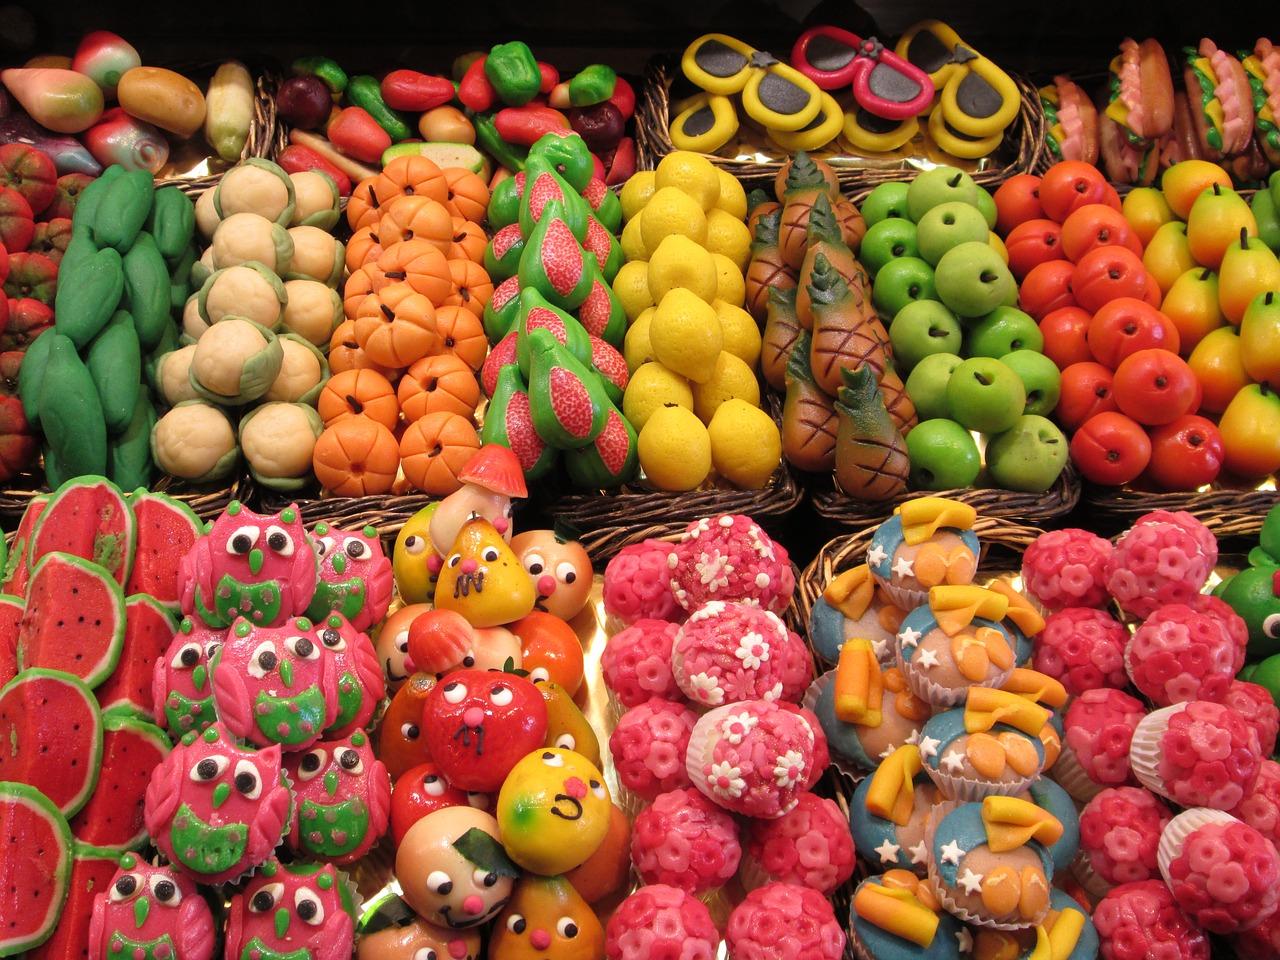 марципан, рынок